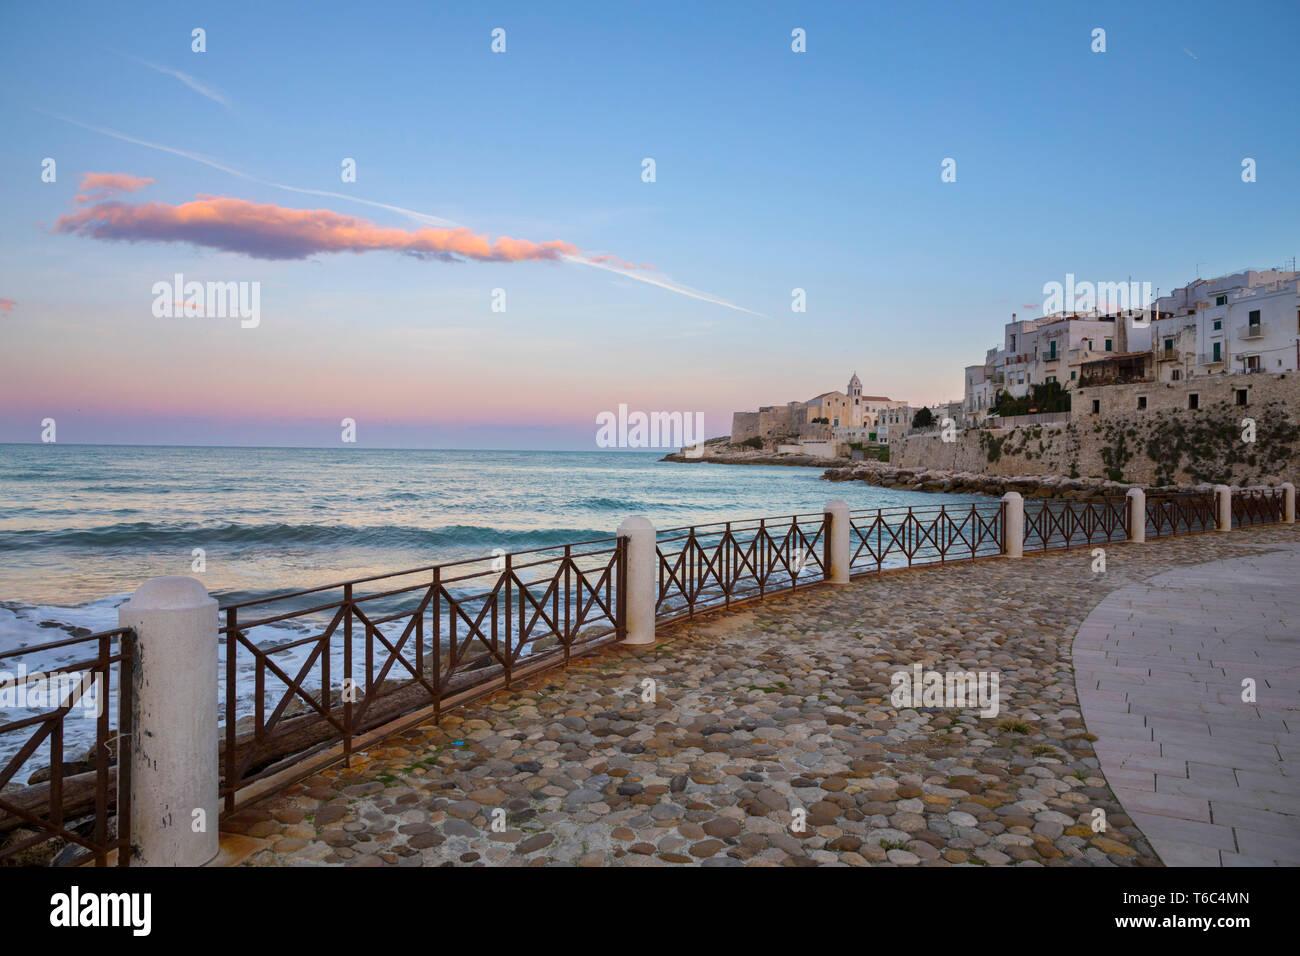 L'Italia, Puglia (Puglia), mar Mediterraneo, mare adriatico, costa Adriatica, Foggia district, Gargano, Promenade a Vieste al tramonto Immagini Stock